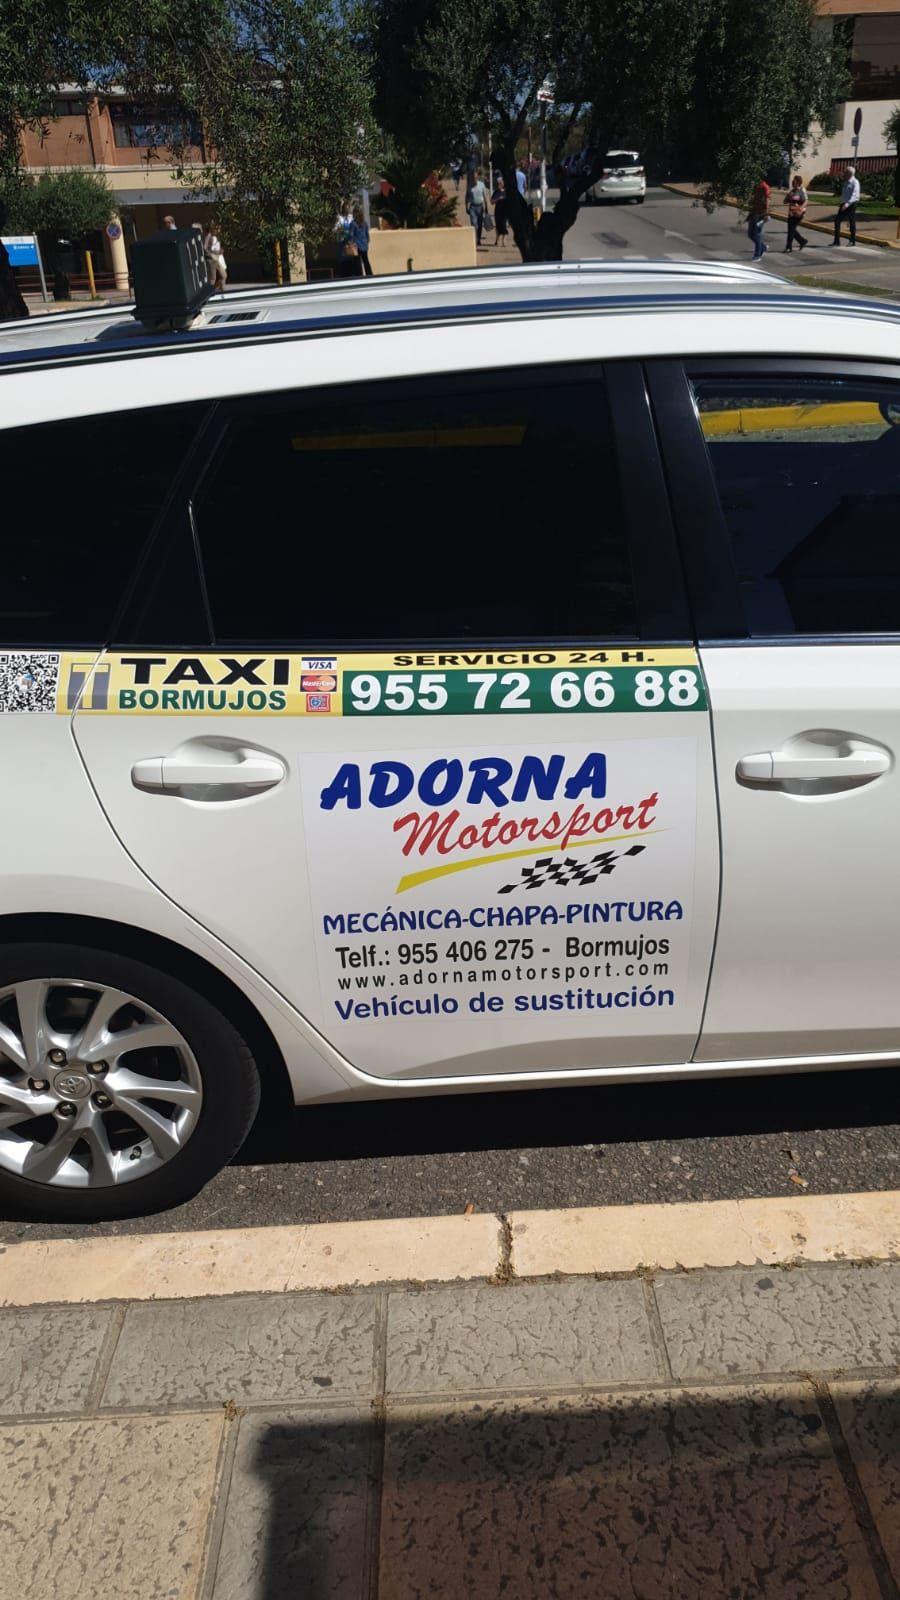 Taxi 24 horas Bormujos